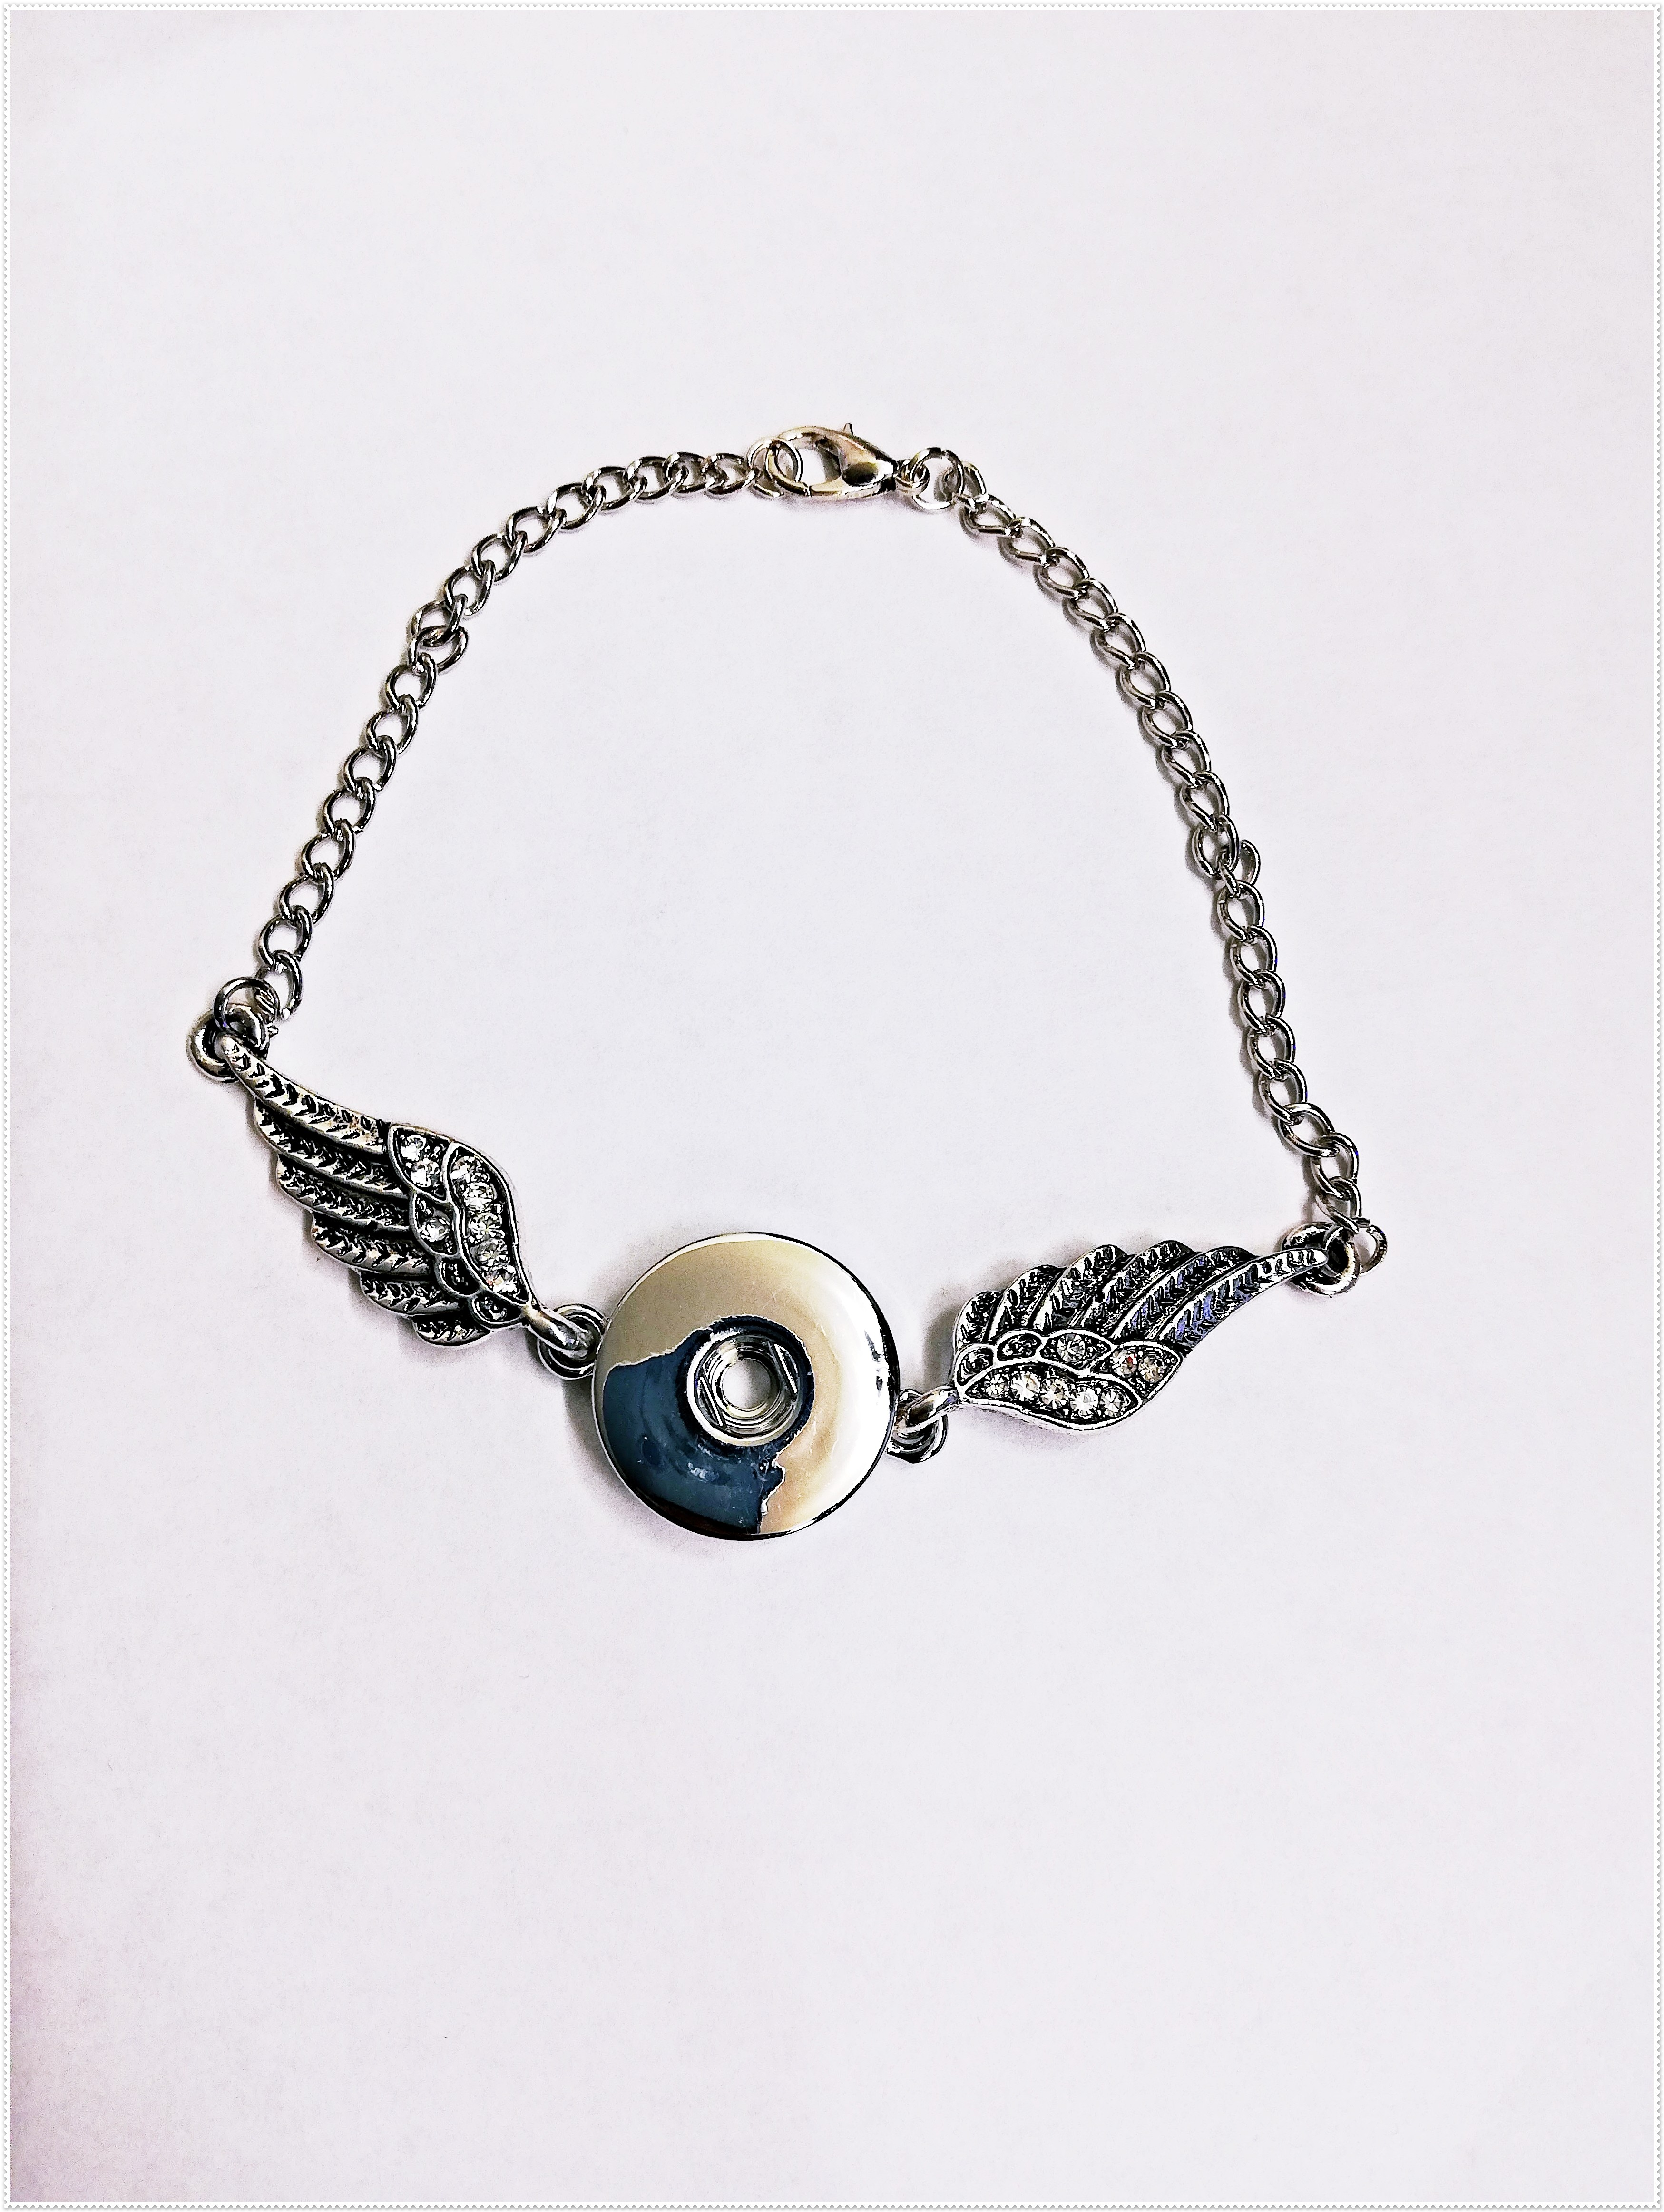 Bracelet bouton pression ailes d'ange et strass.